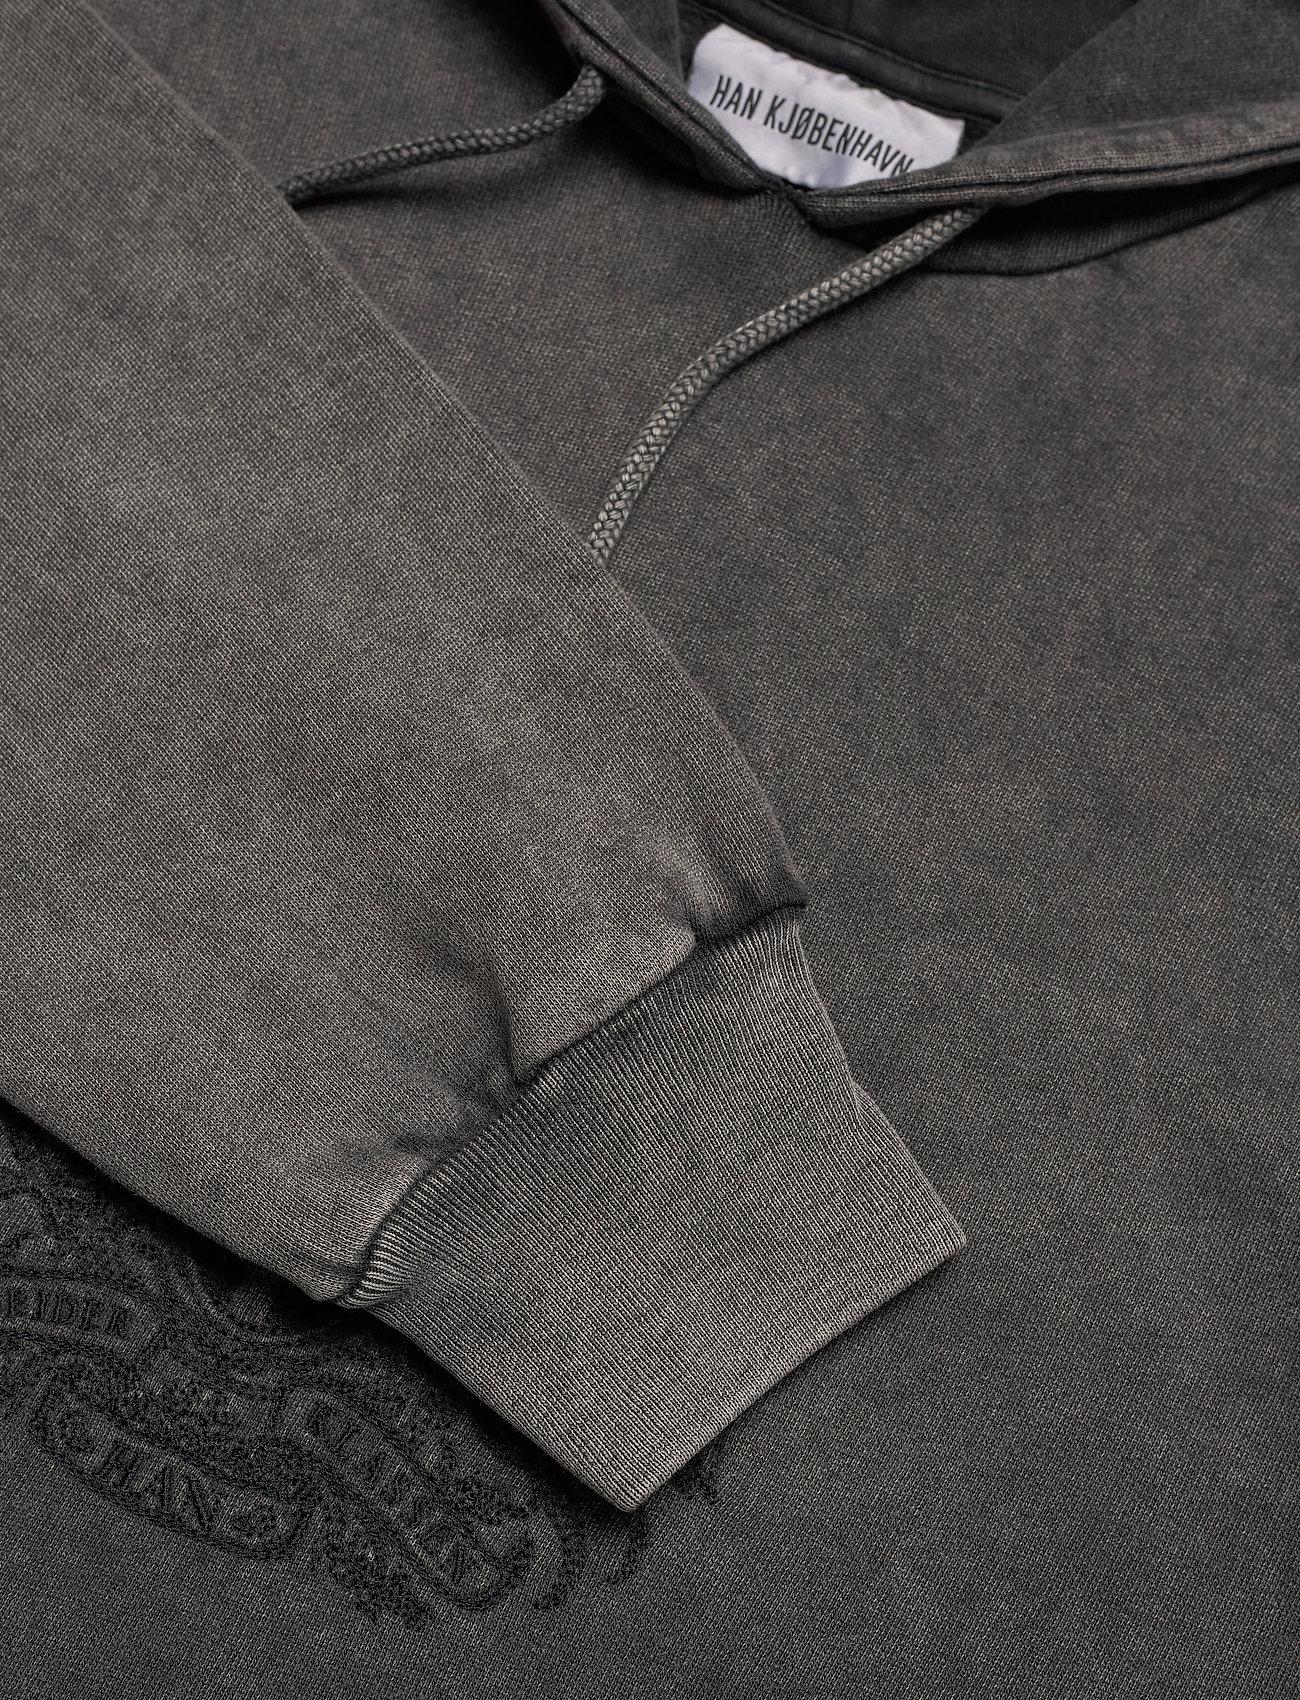 HAN Kjøbenhavn - Artwork Hoodie - hoodies - faded dark grey - 2